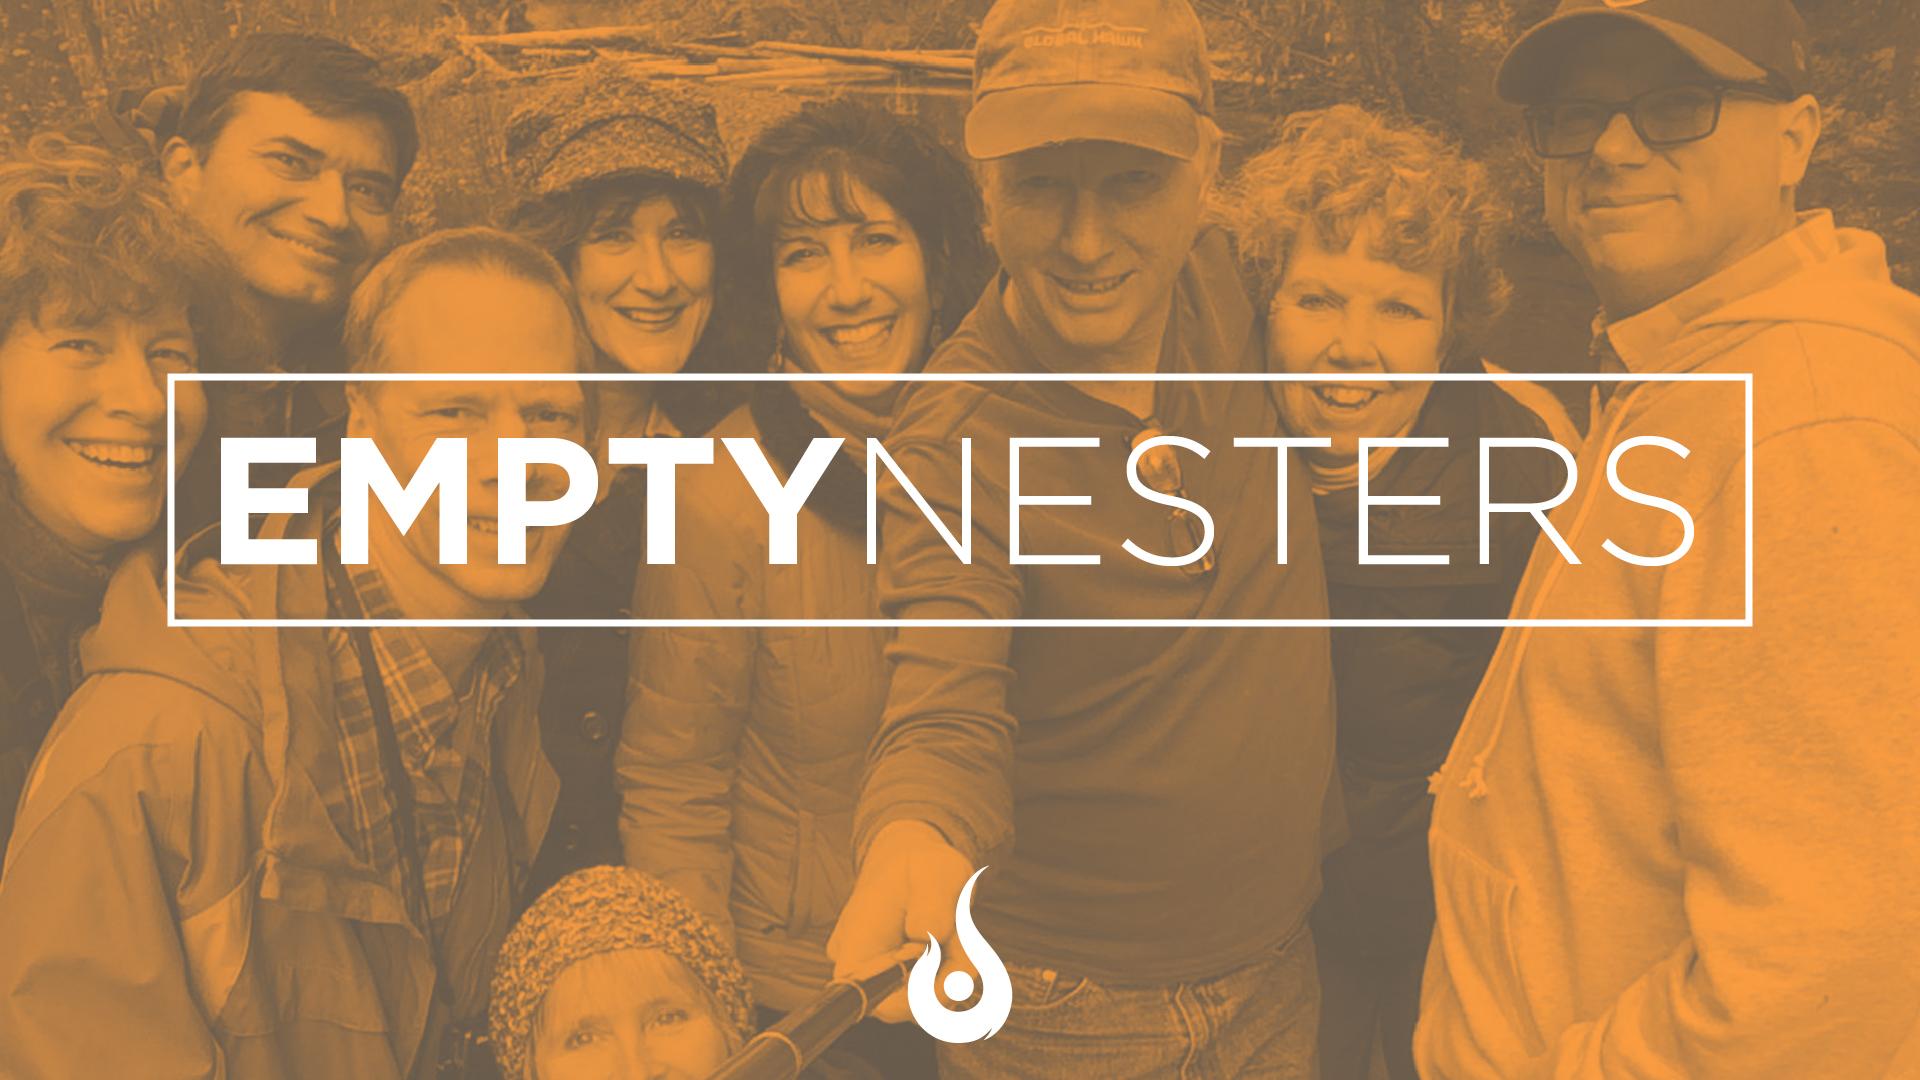 Empty-Nester-Summer-01.jpg